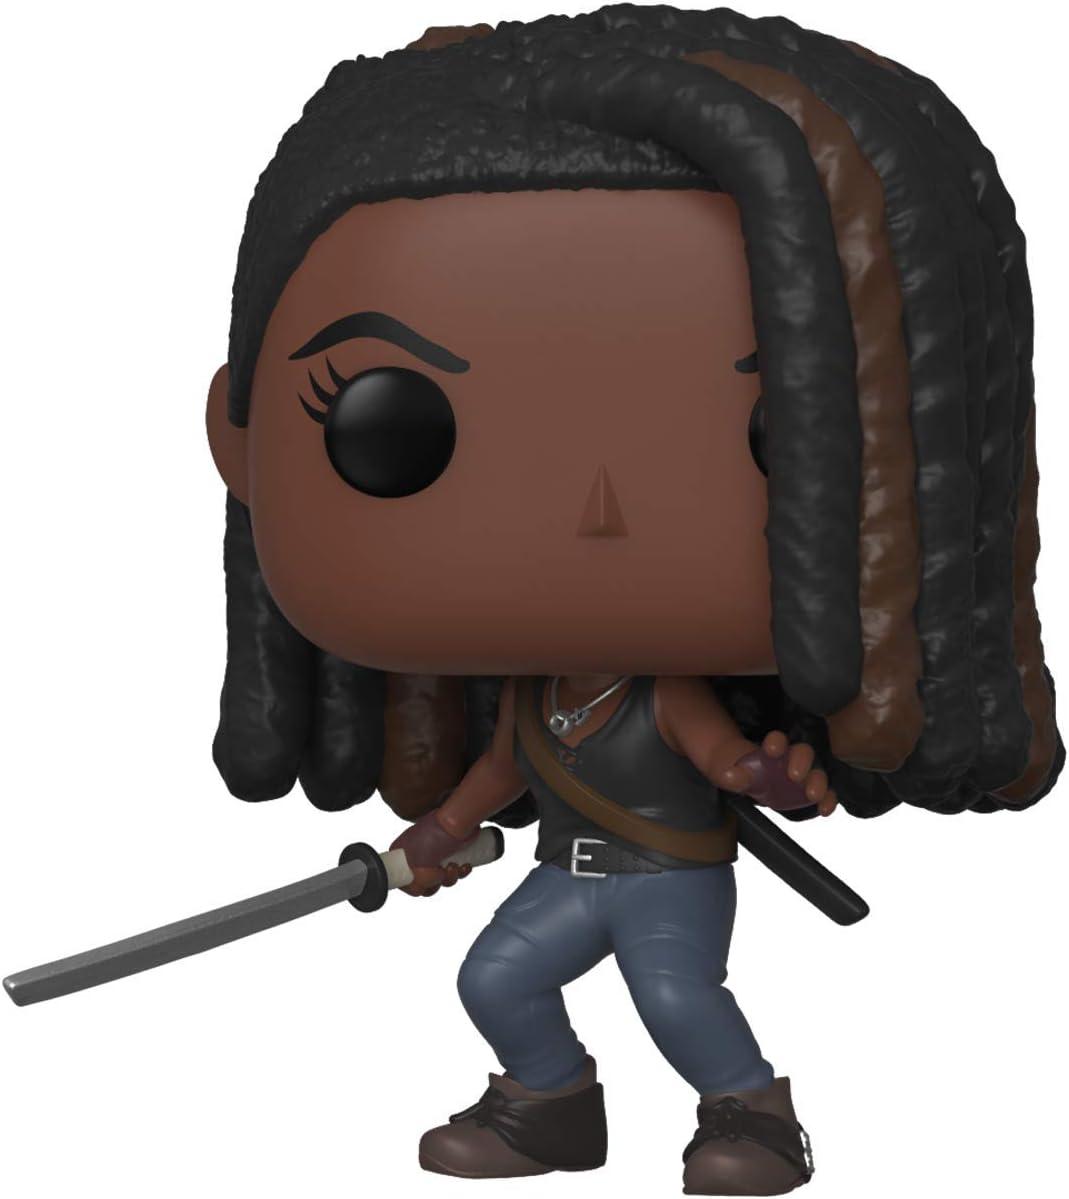 Funko Pop Figura De Vinil TV: Walking Dead-Michonne The Coleccionable, Multicolor (43536)